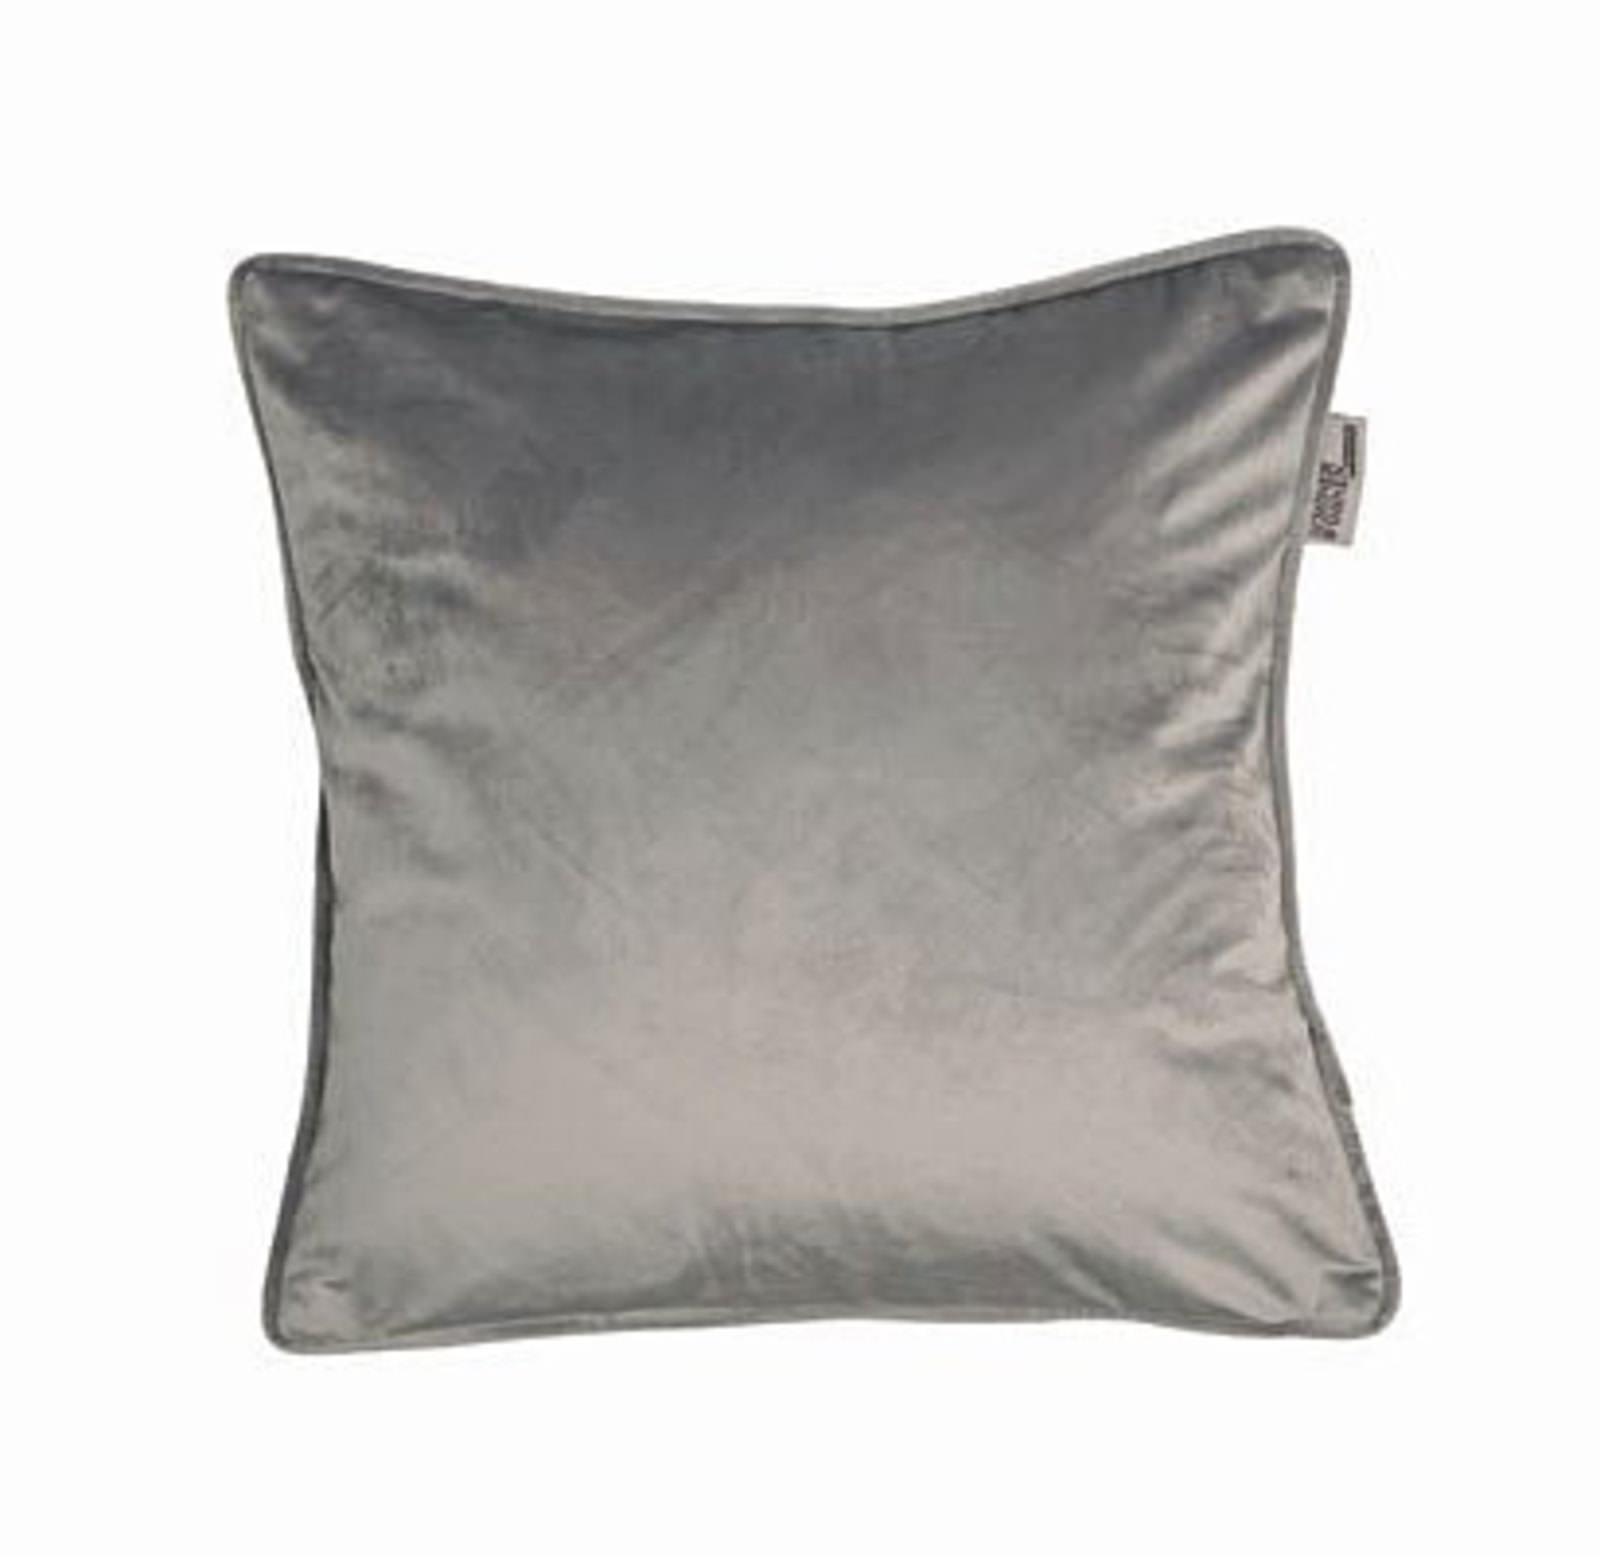 sch ner wohnen kissenh lle grau creme online entdecken schaffrath ihr m belhaus. Black Bedroom Furniture Sets. Home Design Ideas